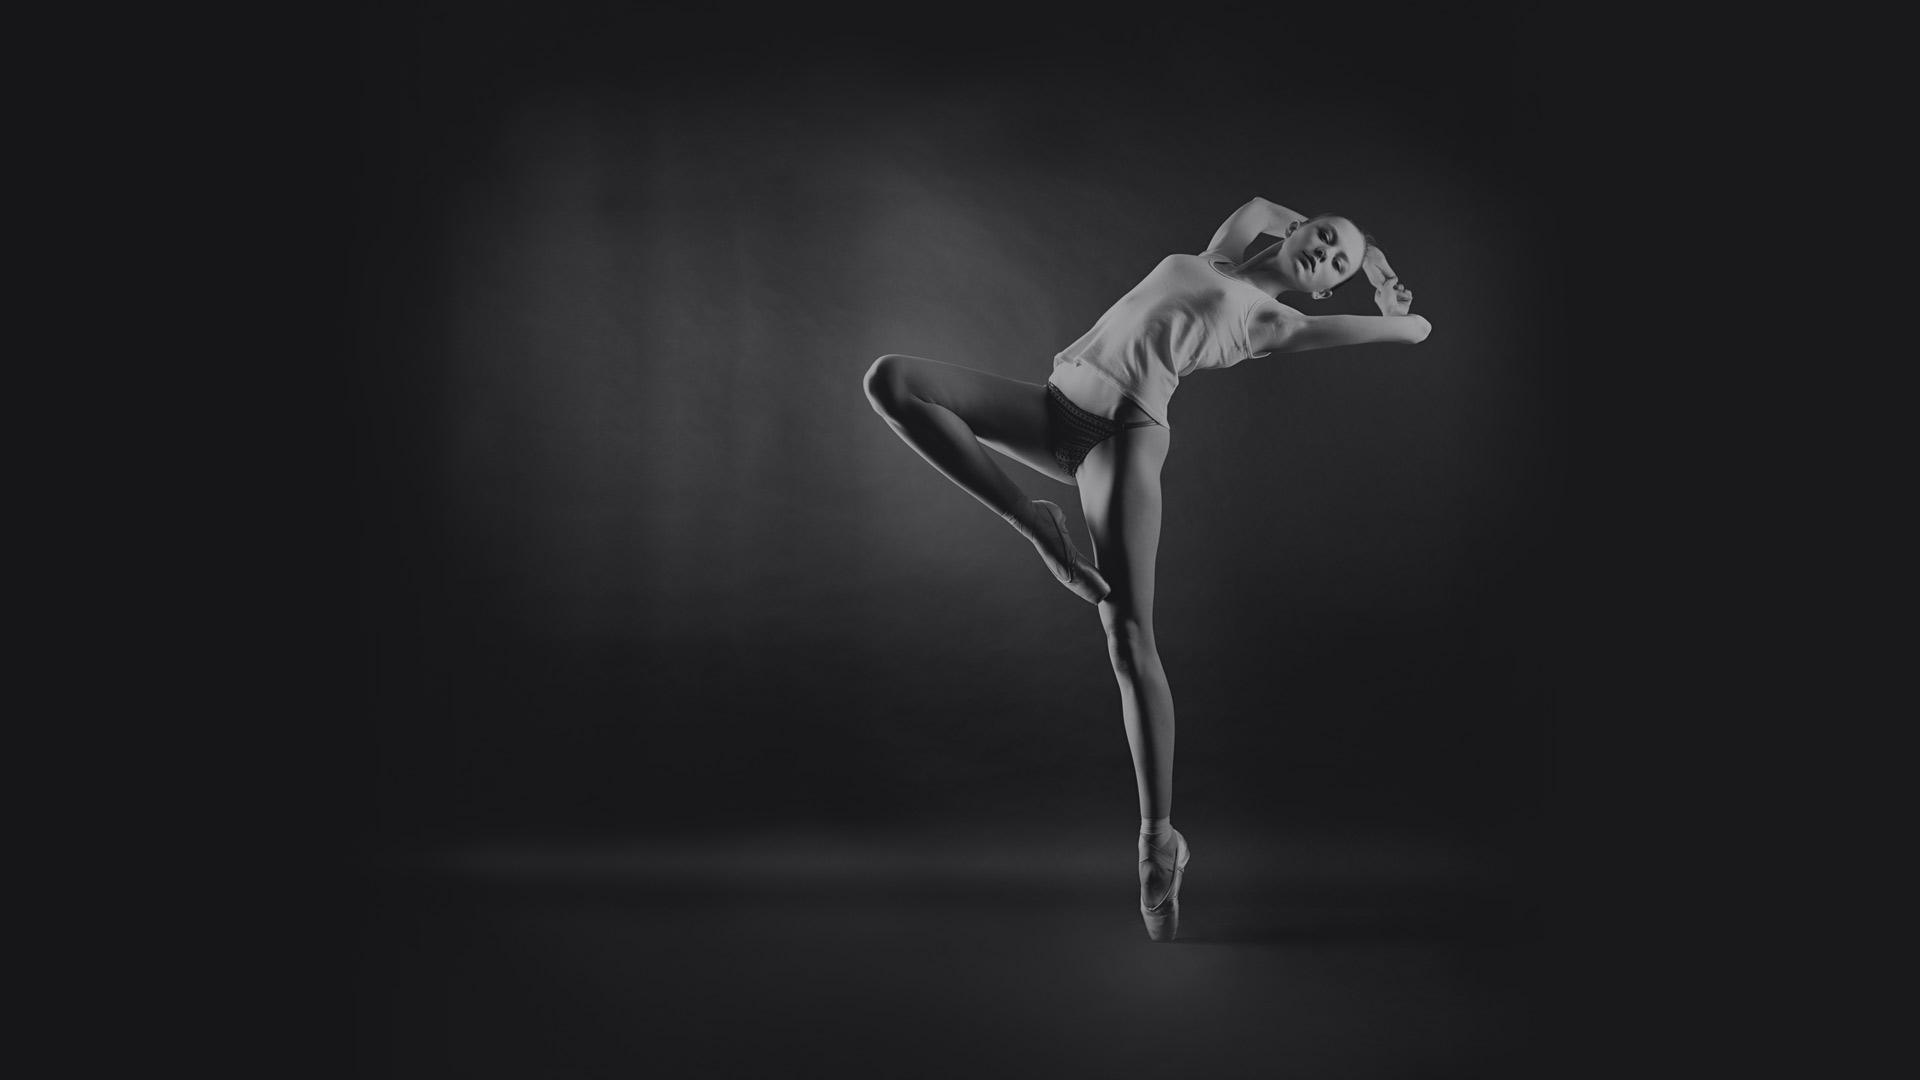 MERKAM 1. Uluslararası Fotoğraf Yarışması